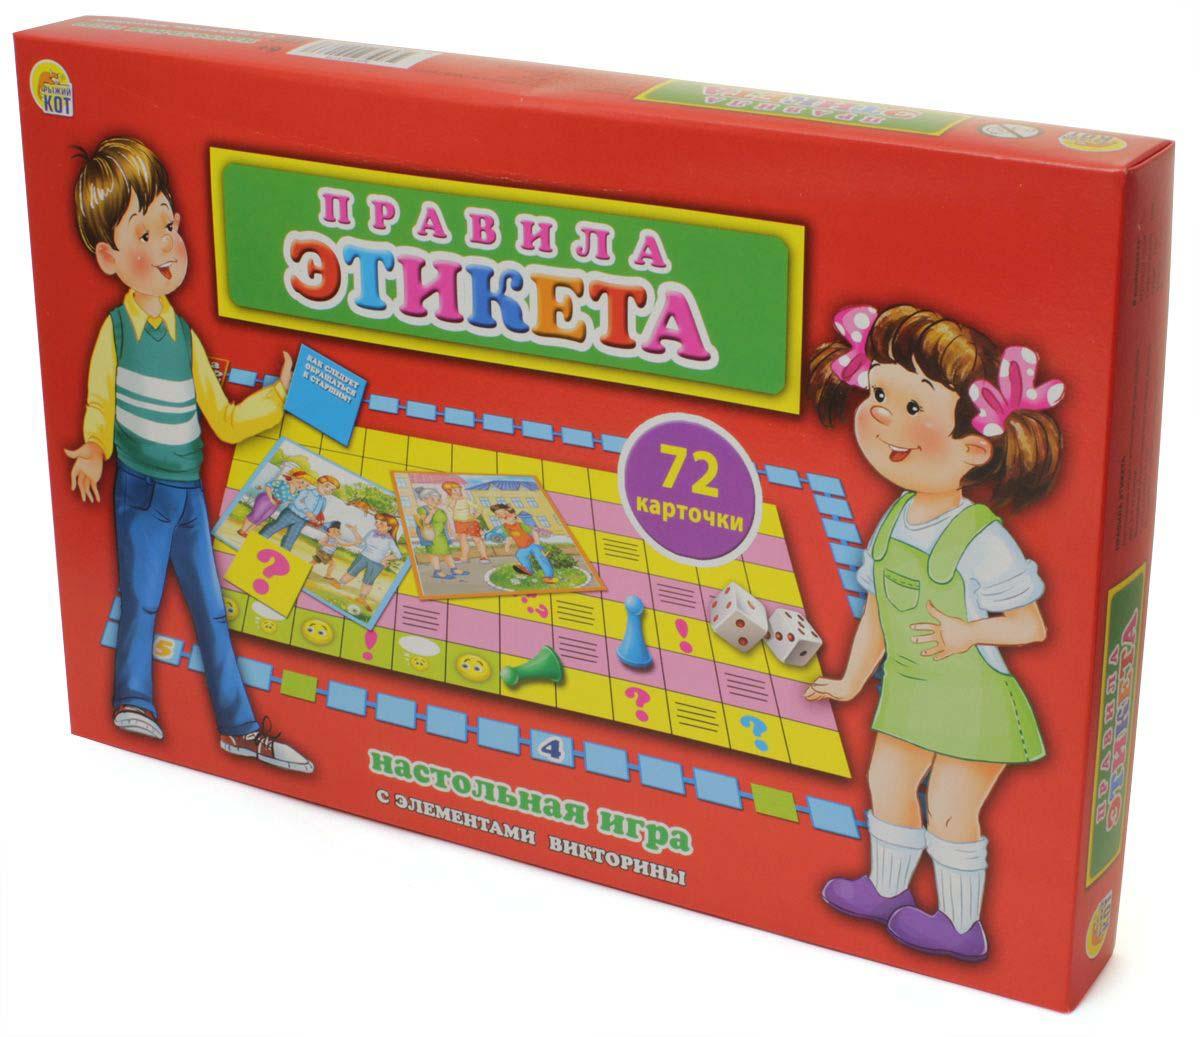 Настольная карточная игра - Викторина для малышей. Правила этикетаВикторины<br>Настольная карточная игра - Викторина для малышей. Правила этикета<br>